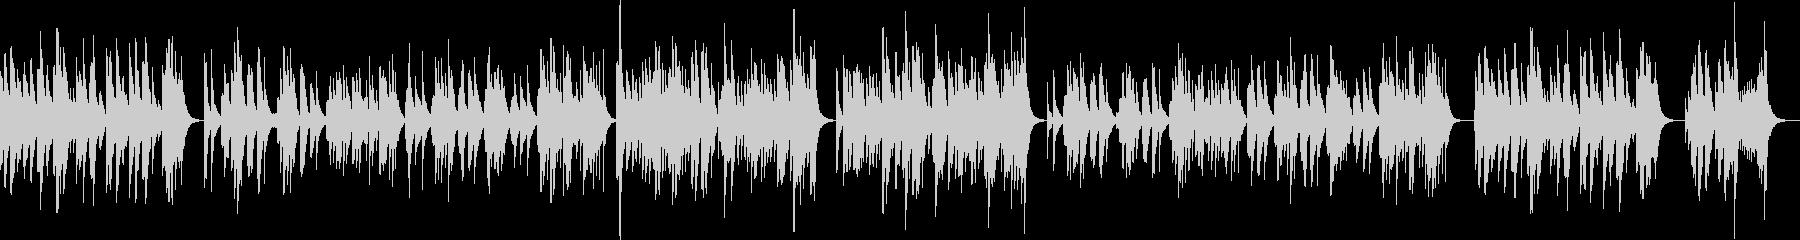 木琴・マリンバで考えてみようのテーマの未再生の波形